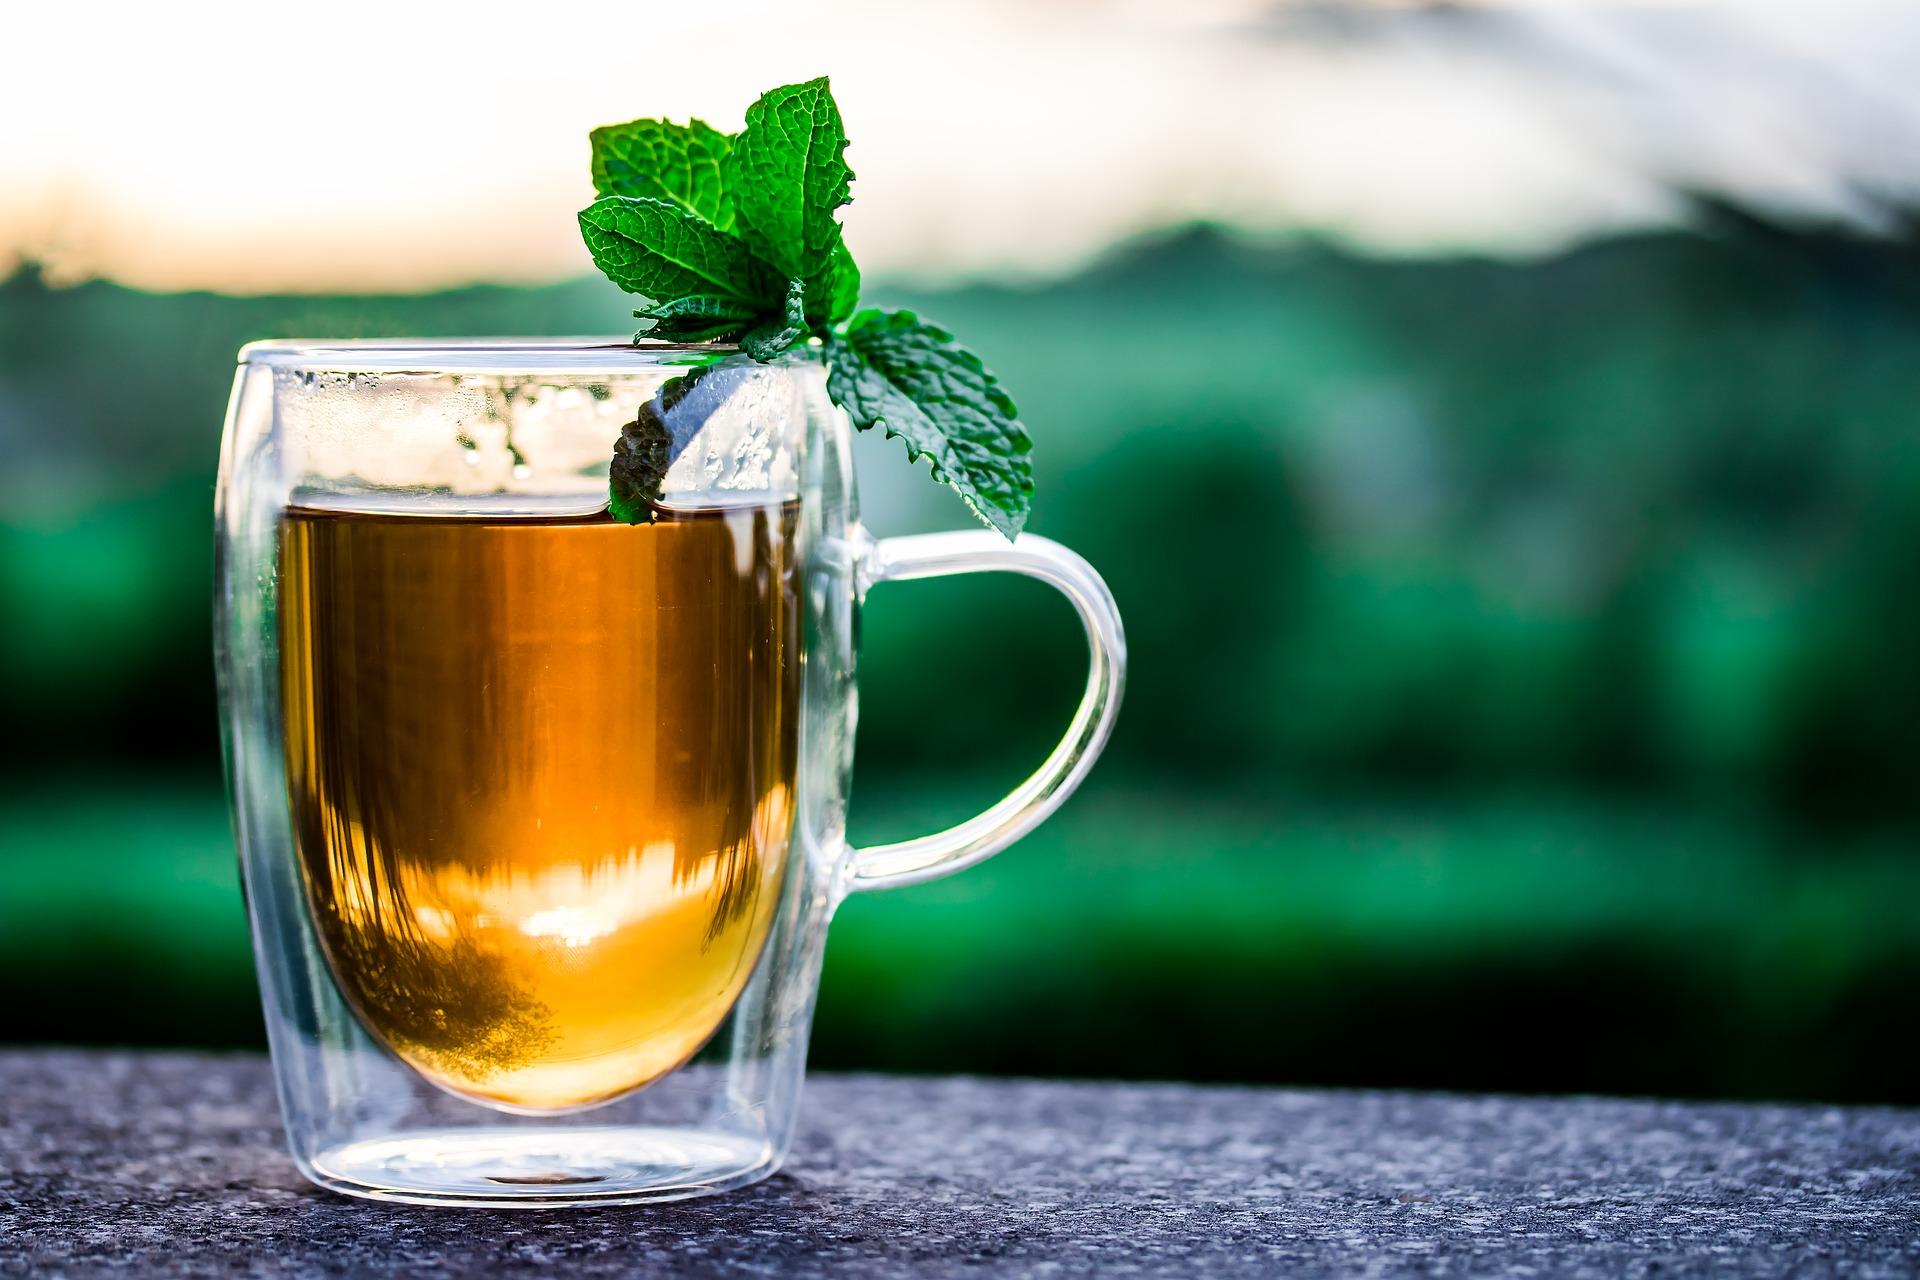 vârful erou băutură pierdere în greutate simptome ale scăderii în greutate